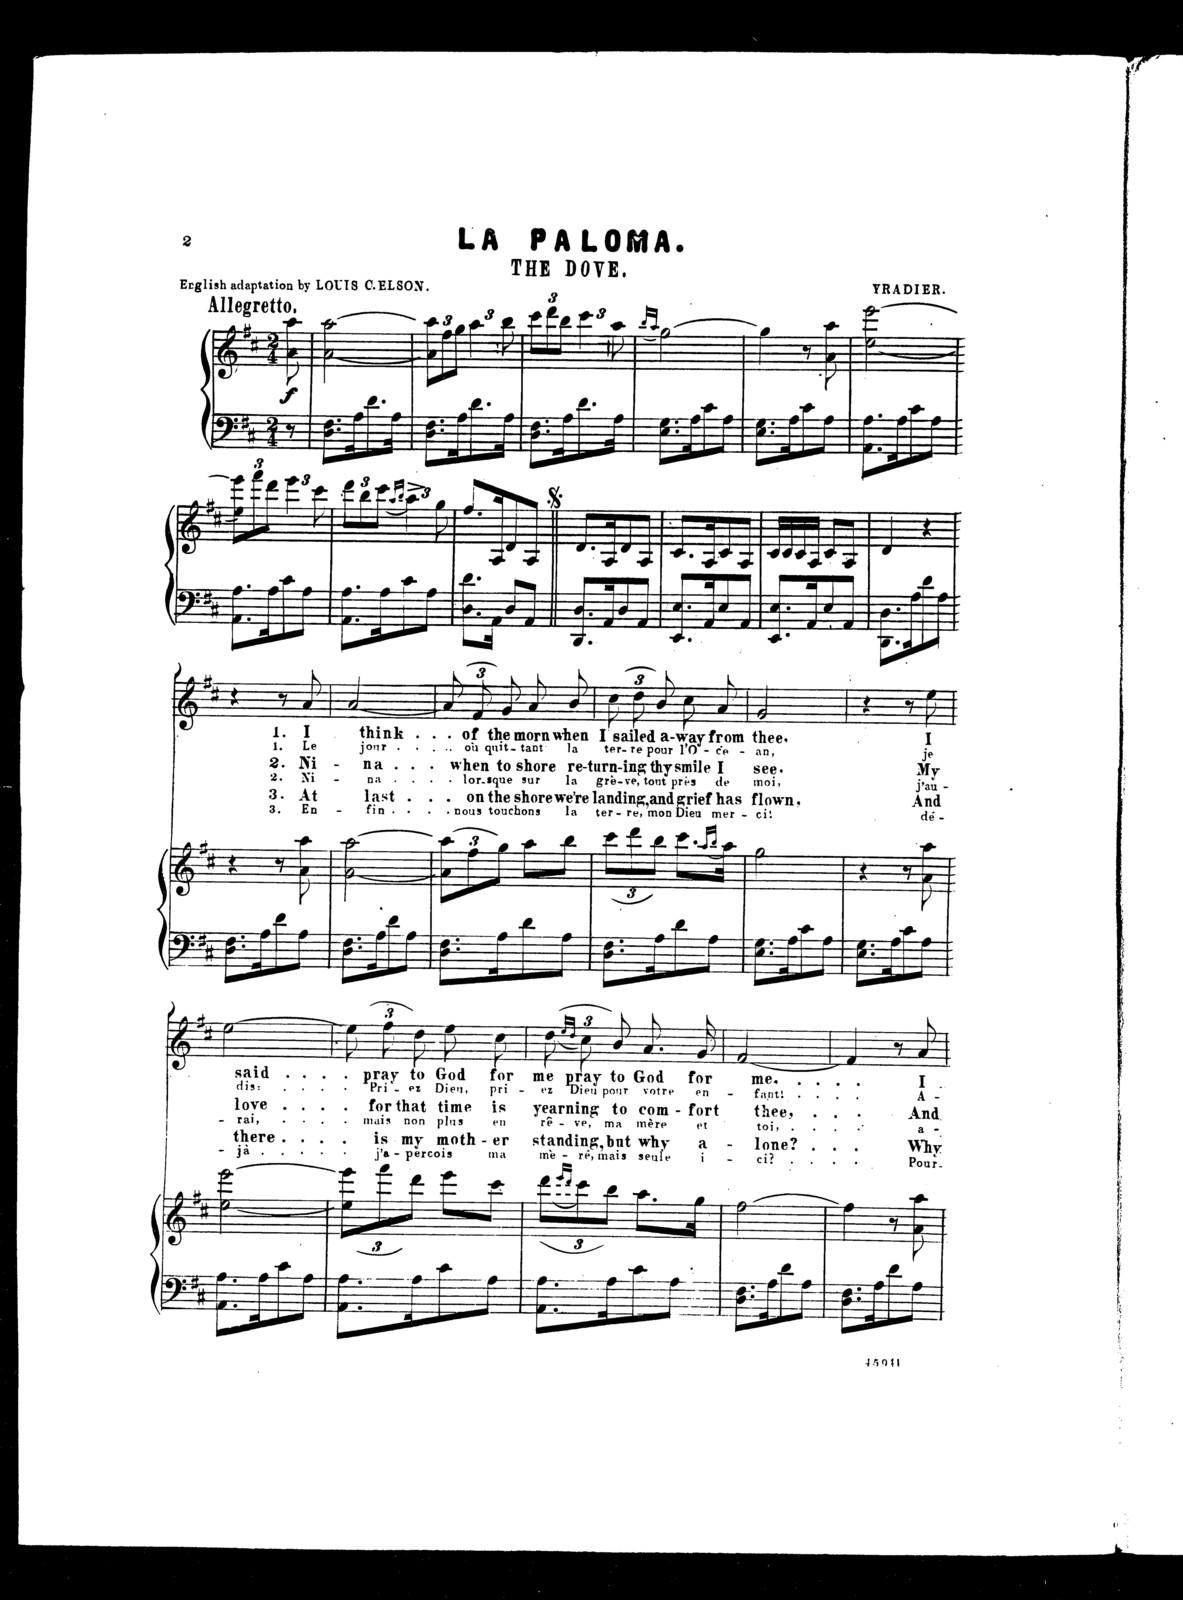 Paloma, La - The dove